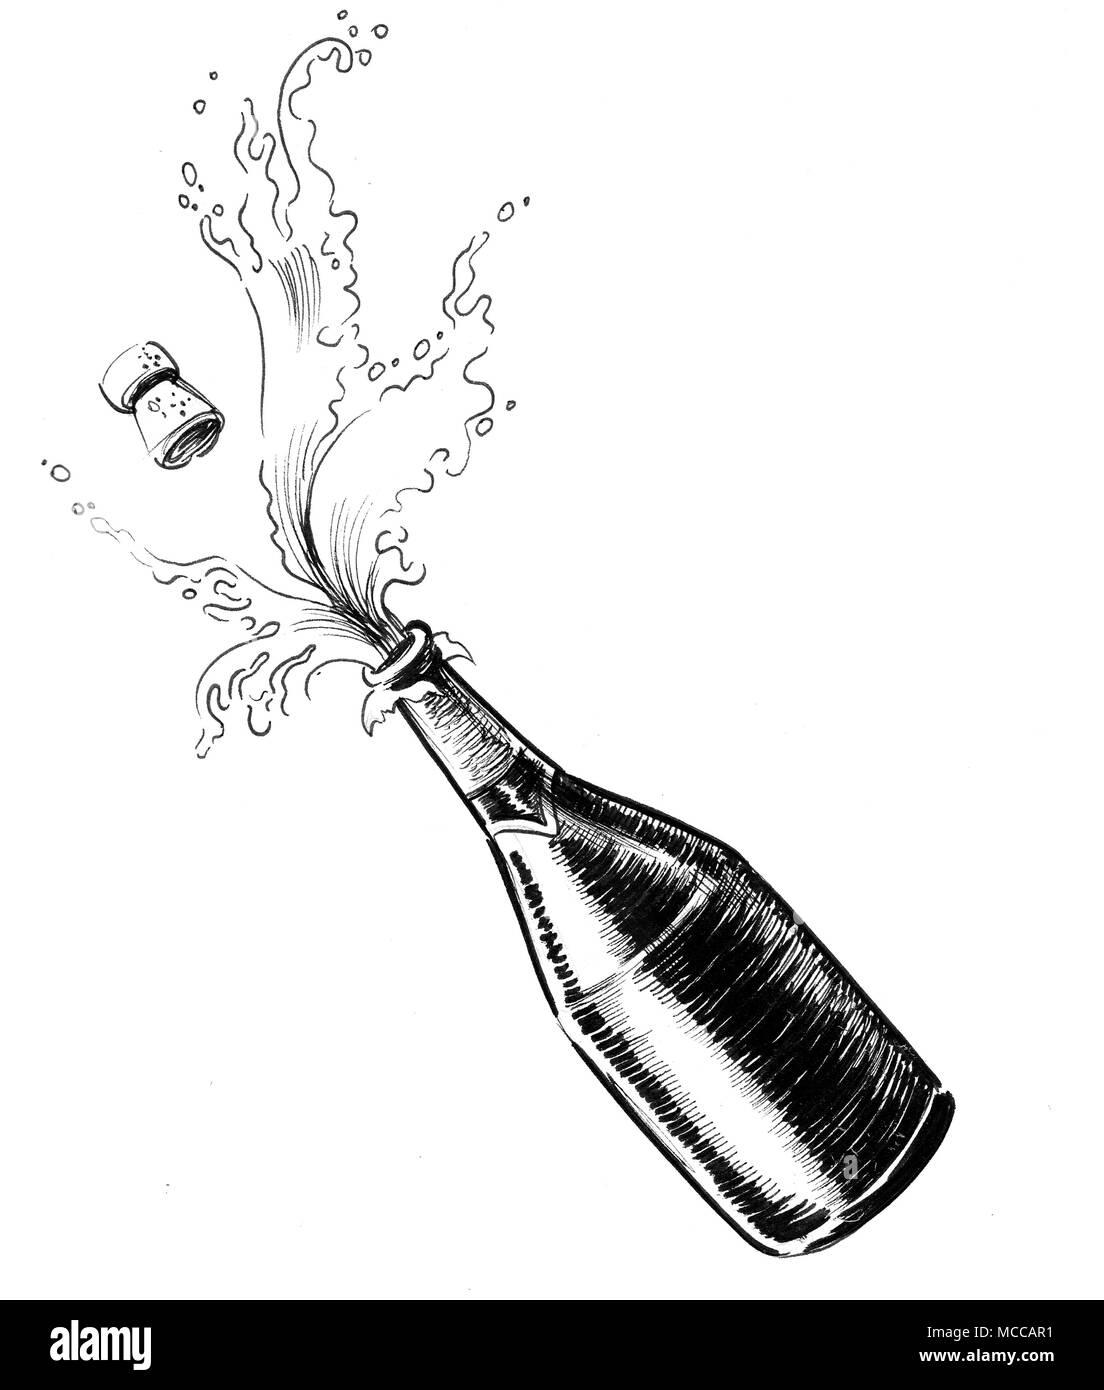 Bouteille De Champagne Dessin l'ouverture d'une bouteille de champagne. dessin noir et blanc encre